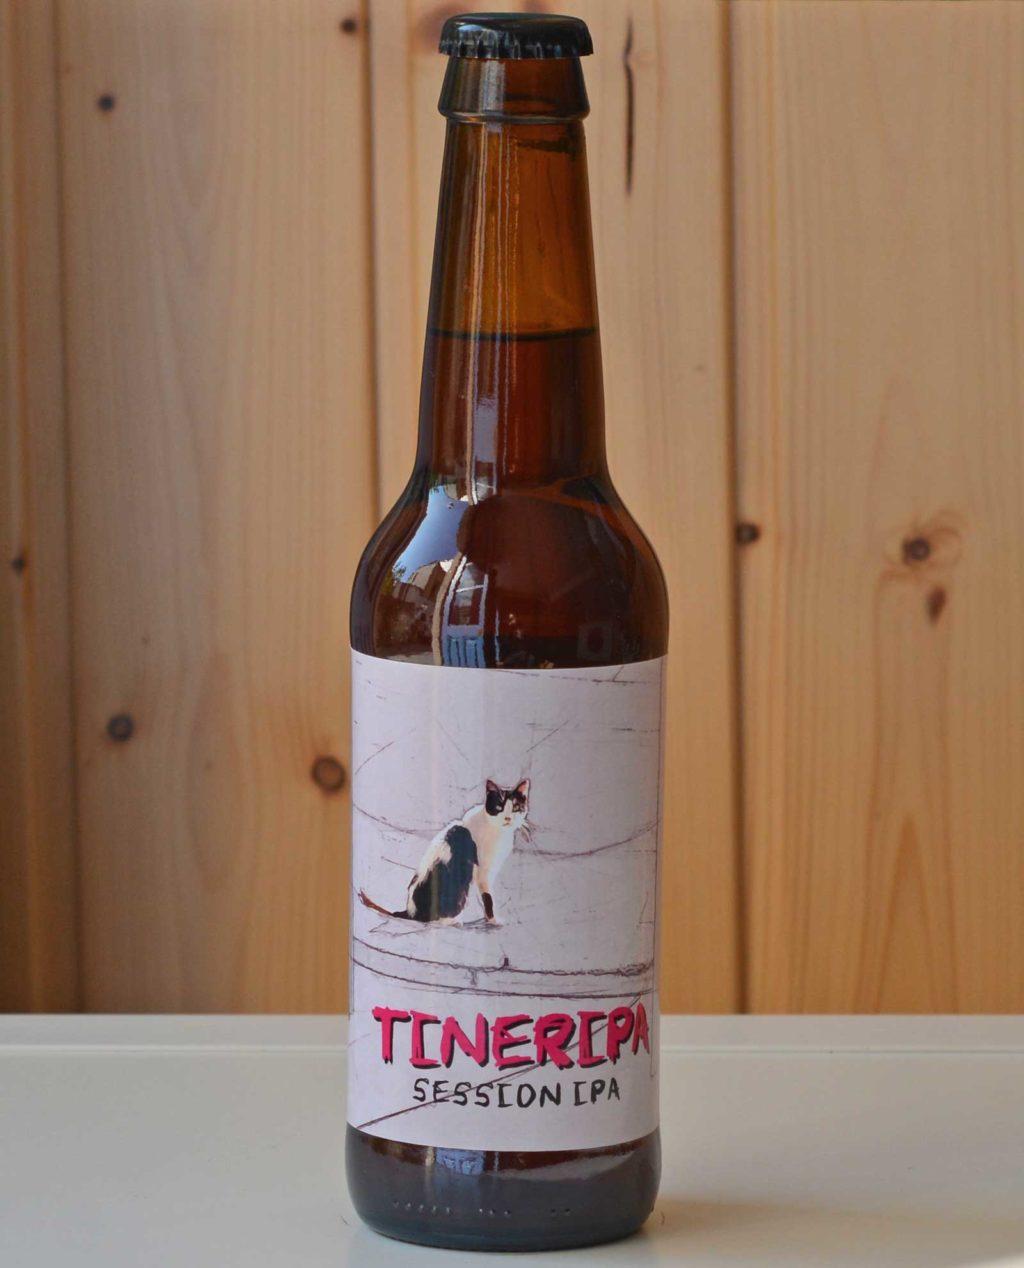 aloumina-cervexa-artesana-craft-beer-tinetipa-sessionipa-001d